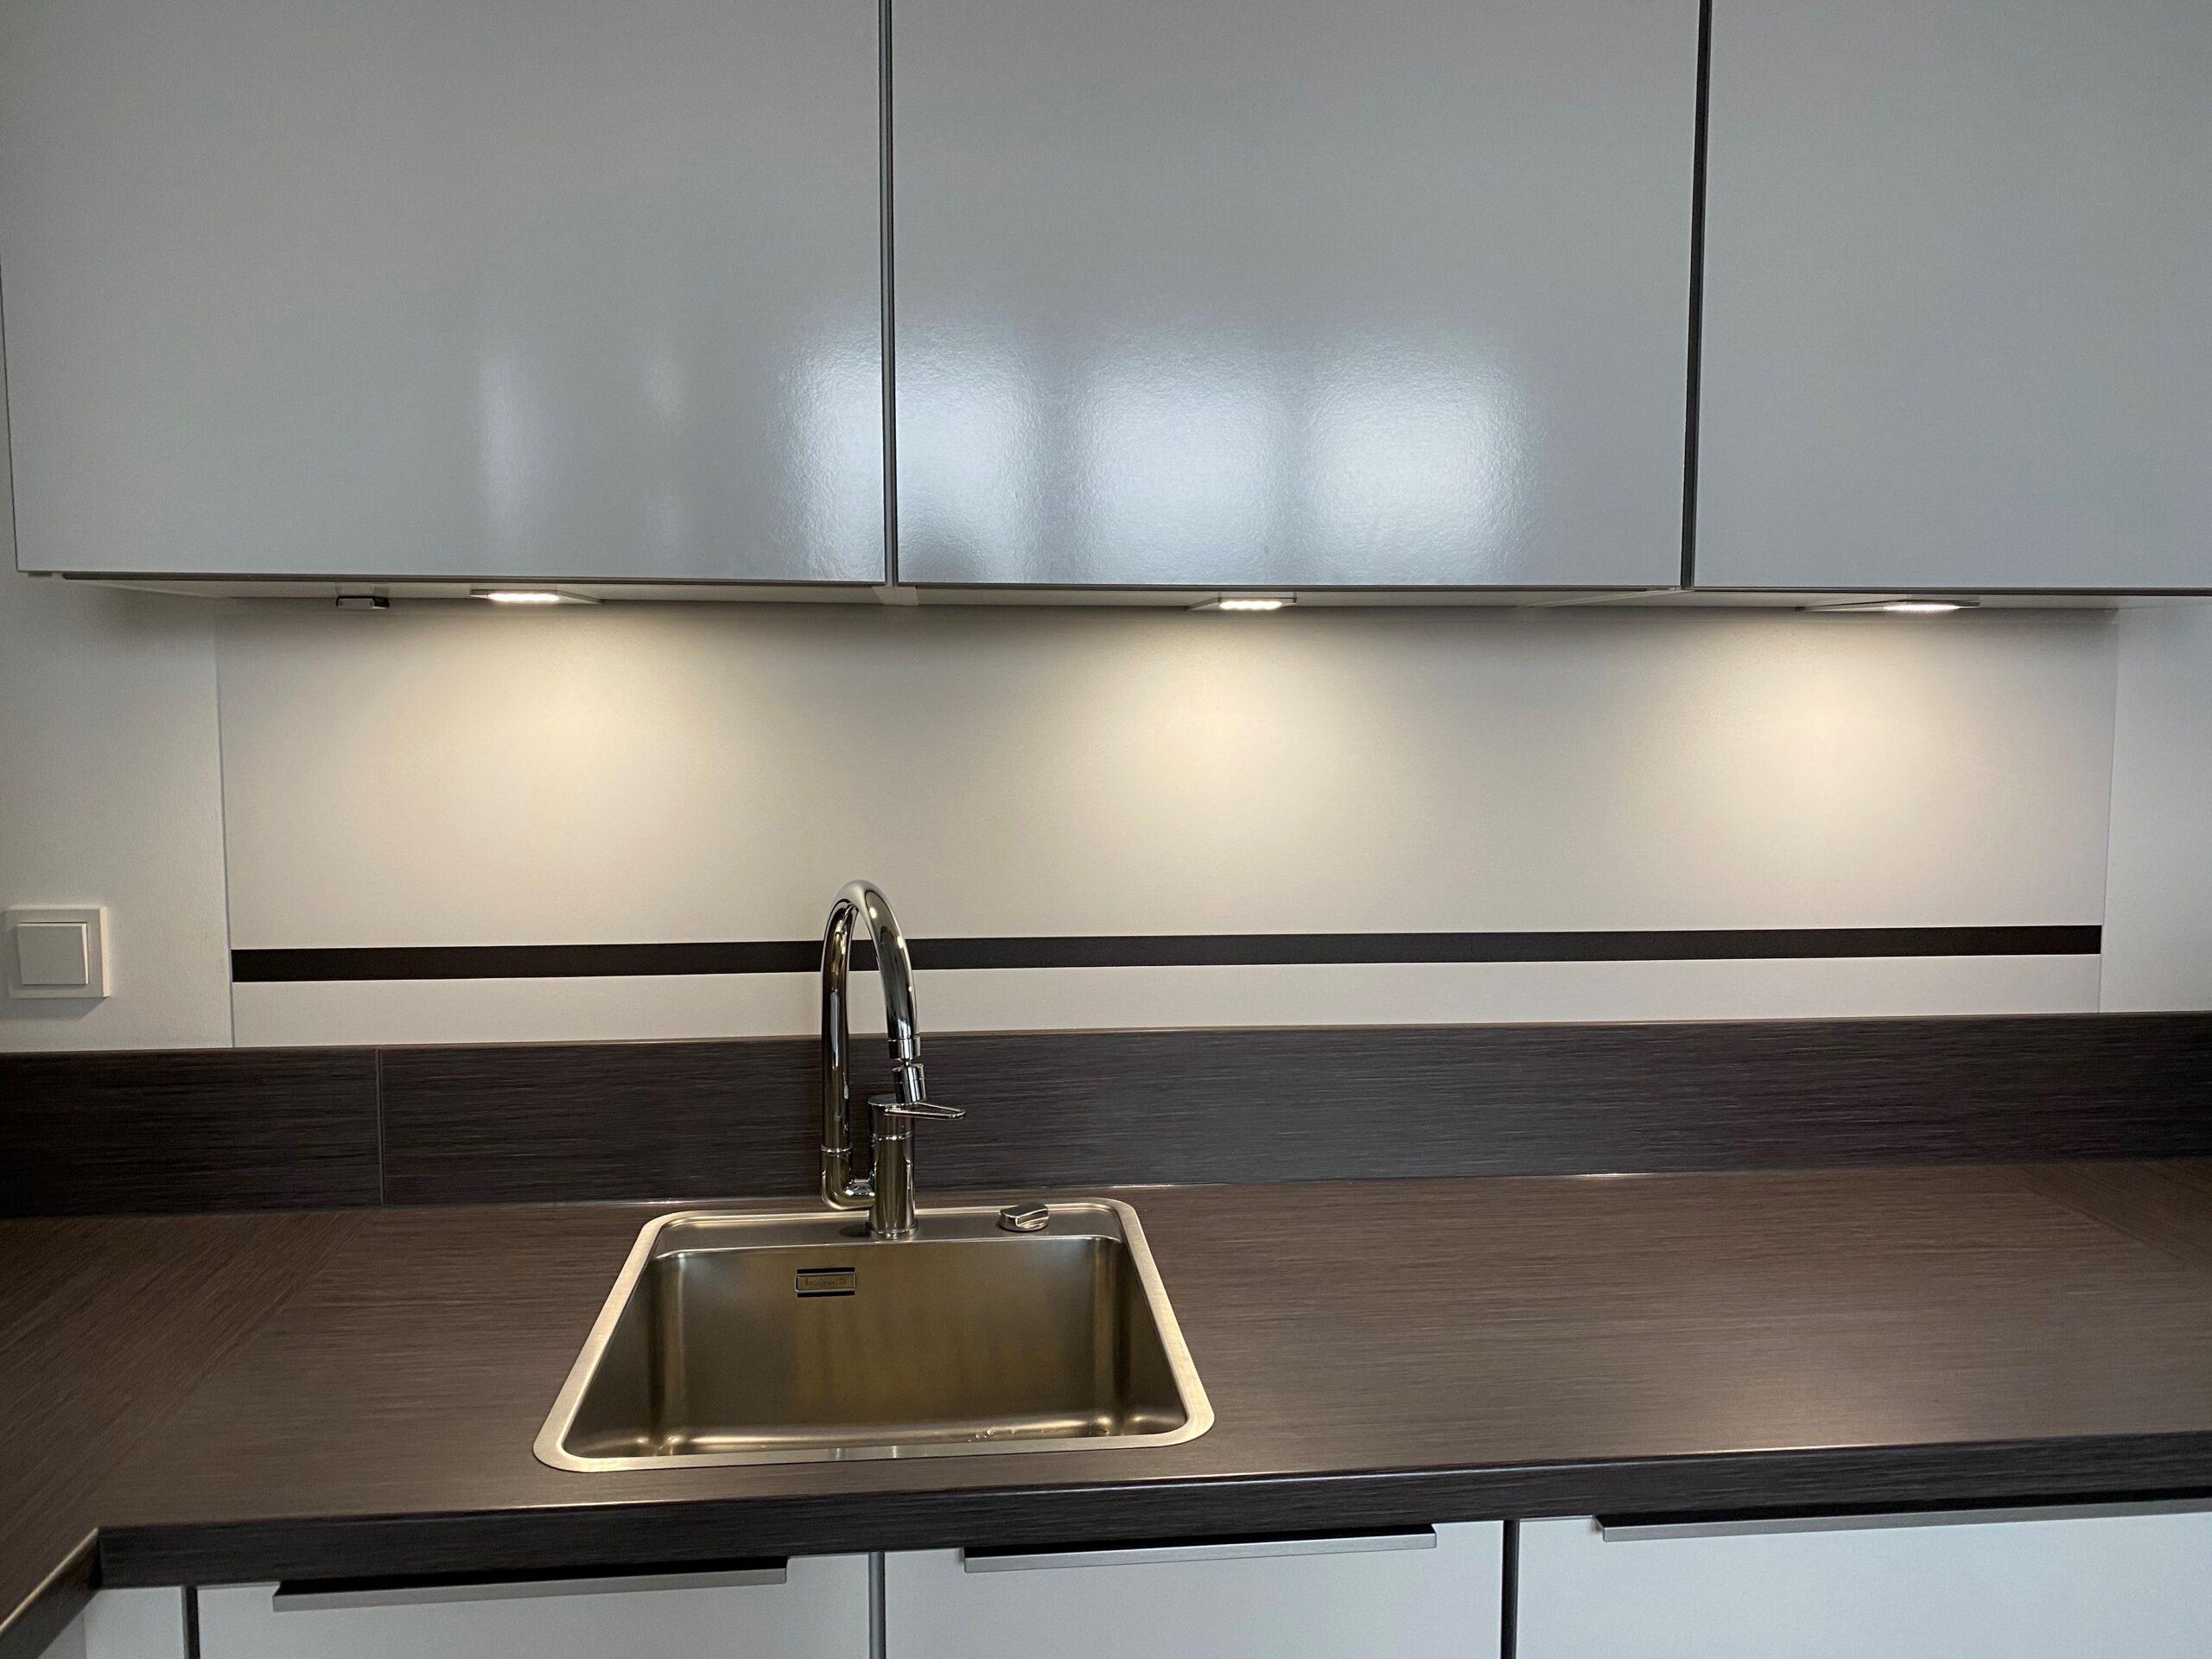 Full Size of Fliesenspiegel Kche Küche Selber Machen Küchen Regal Glas Wohnzimmer Küchen Fliesenspiegel